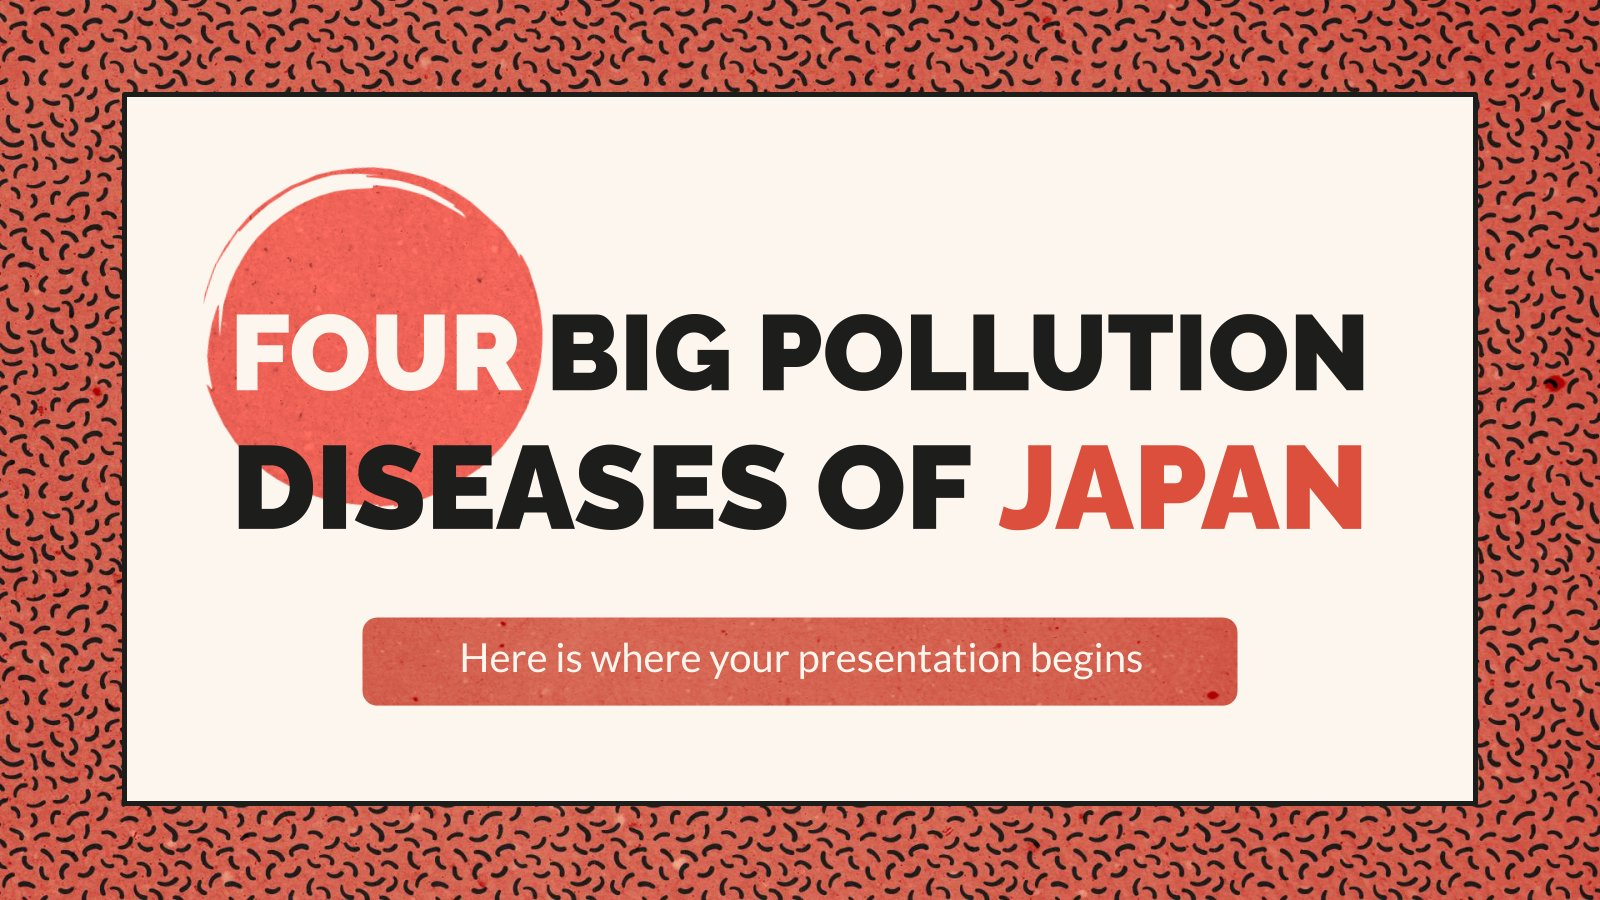 Plantilla de presentación Los cuatro grandes desastres sanitarios por contaminación en Japón